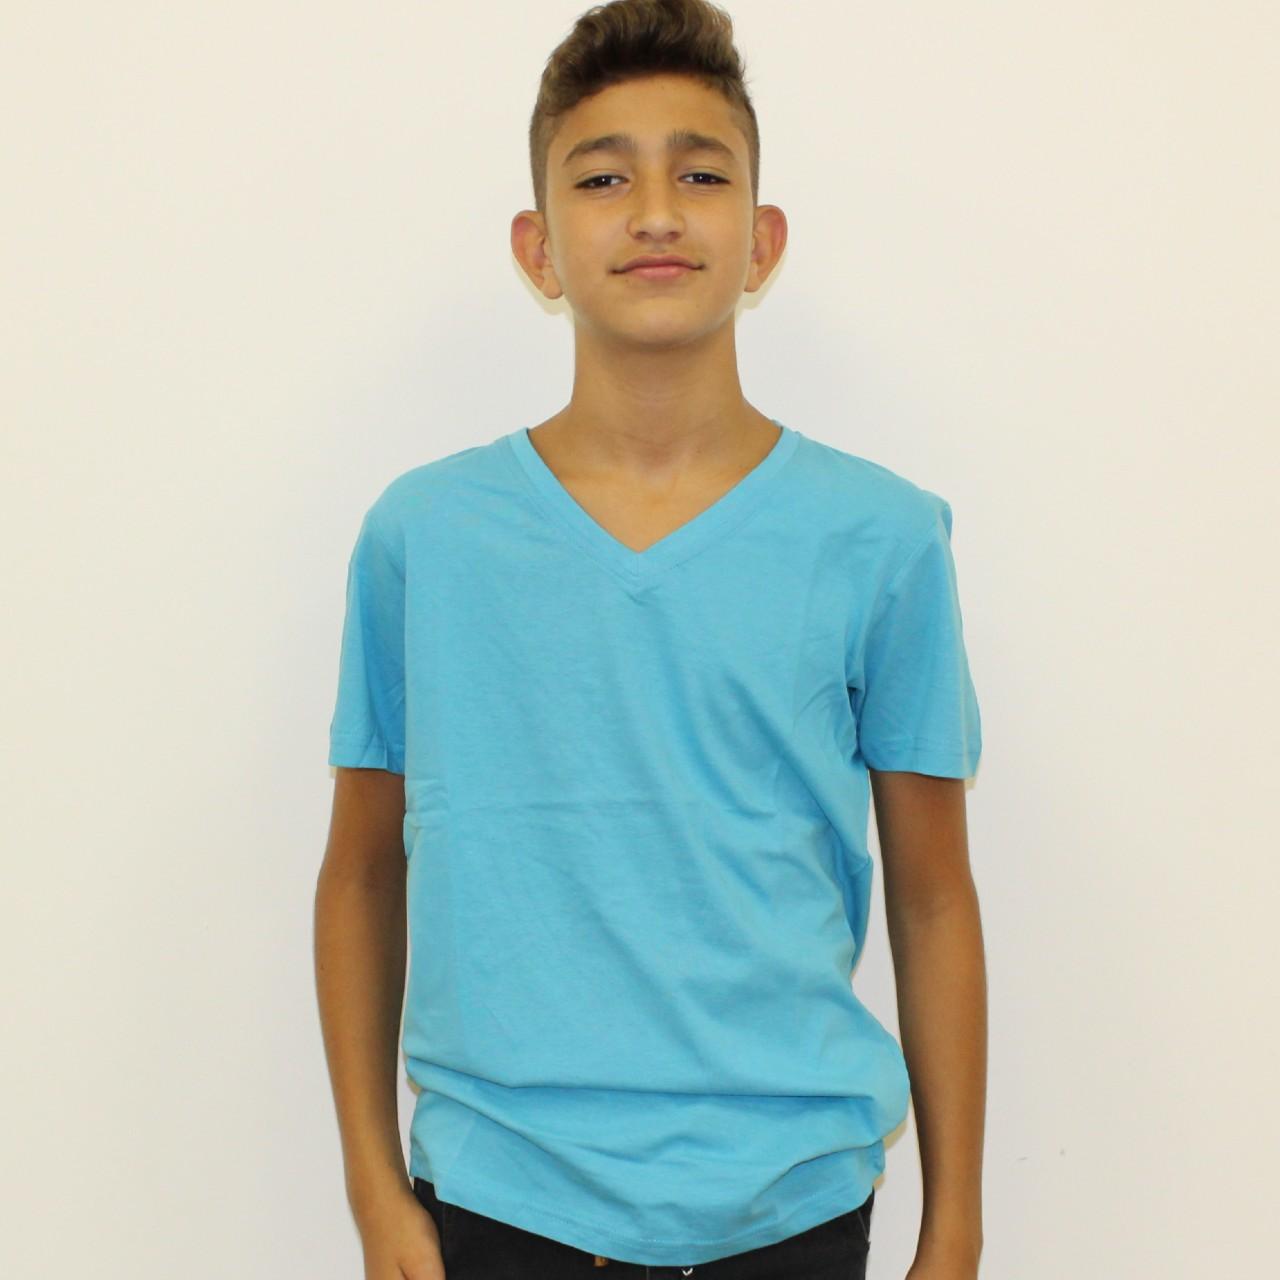 חולצת בית ספר בנים מבצע 8 ב-99.90 ₪